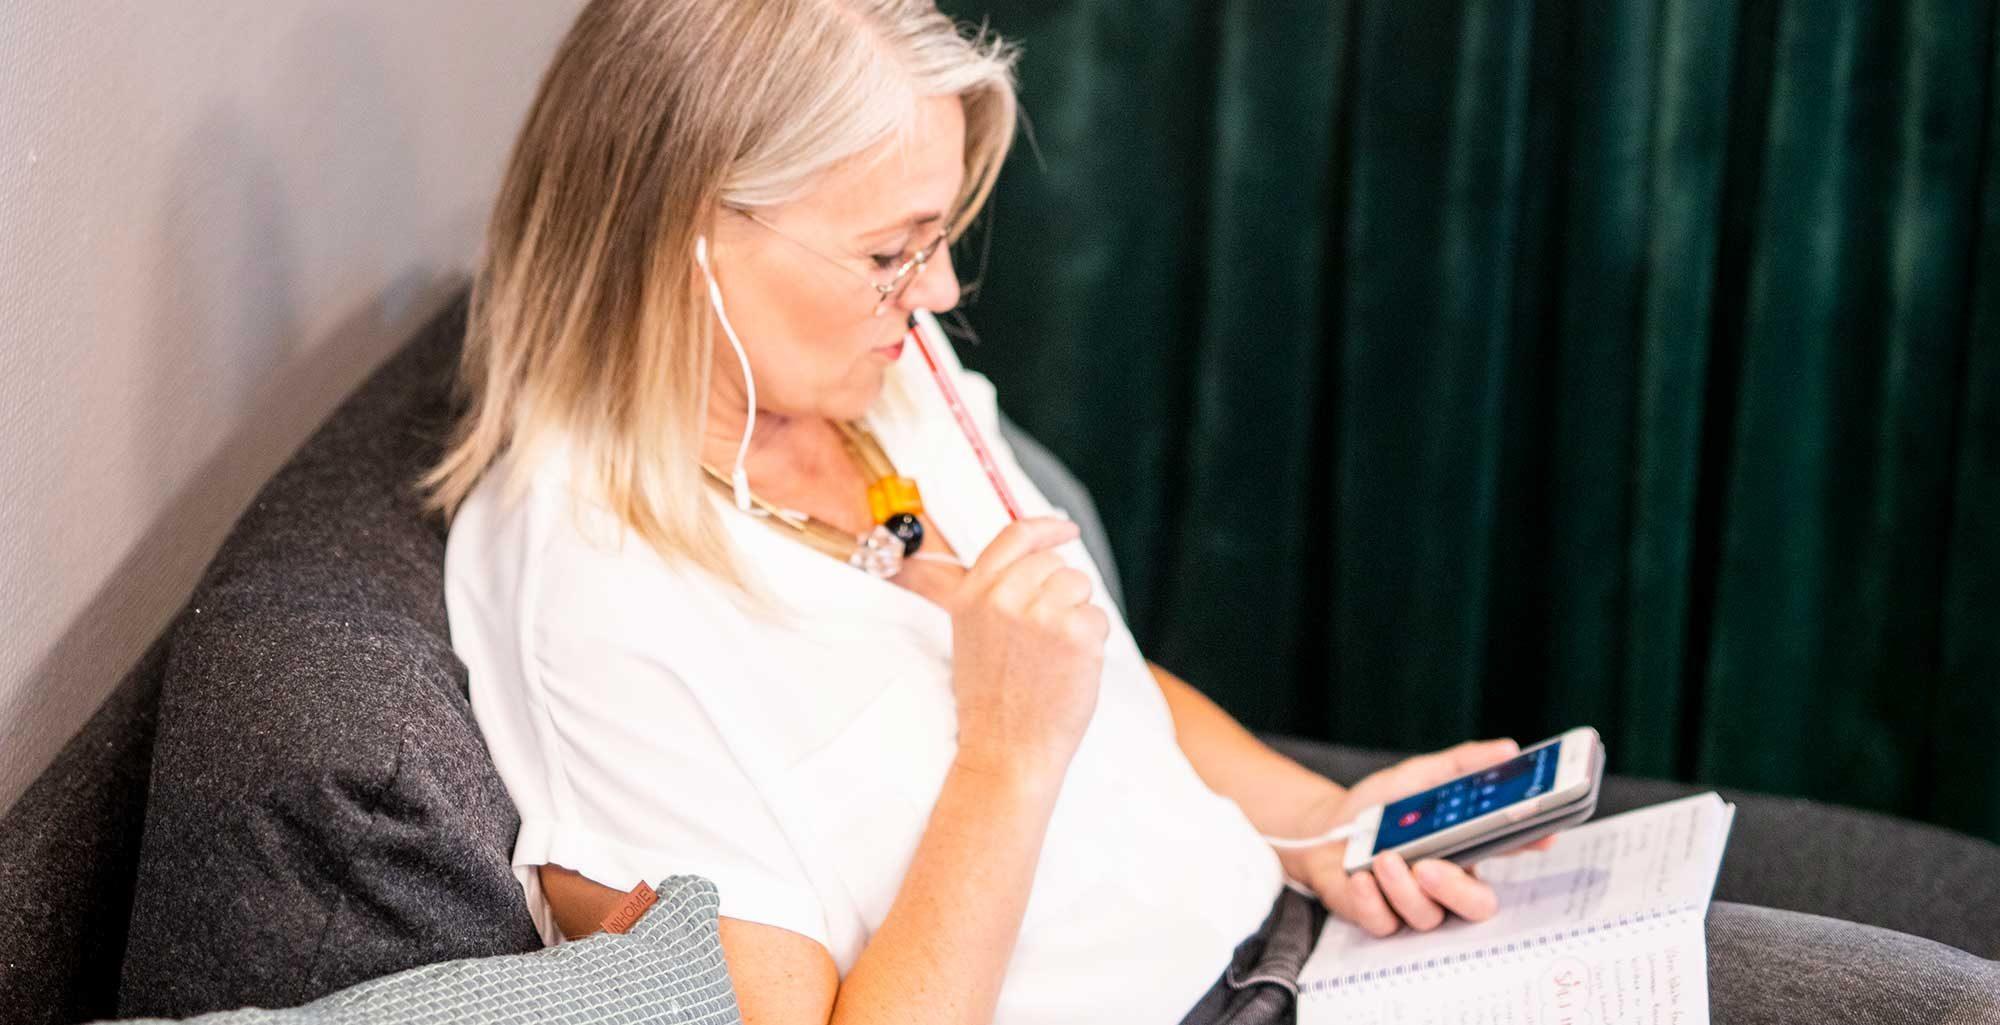 en kvinna sitter i en soffa och ringer ett samtal på sin smartphone